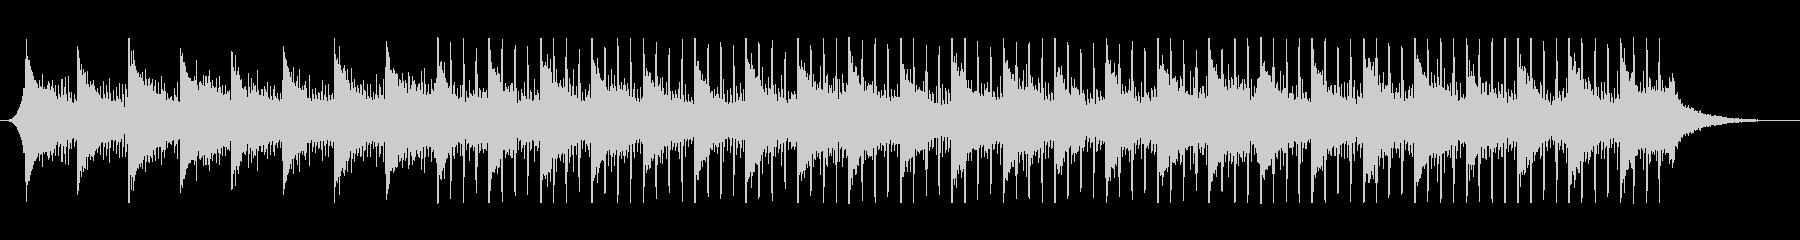 Corporate Guitar 144の未再生の波形